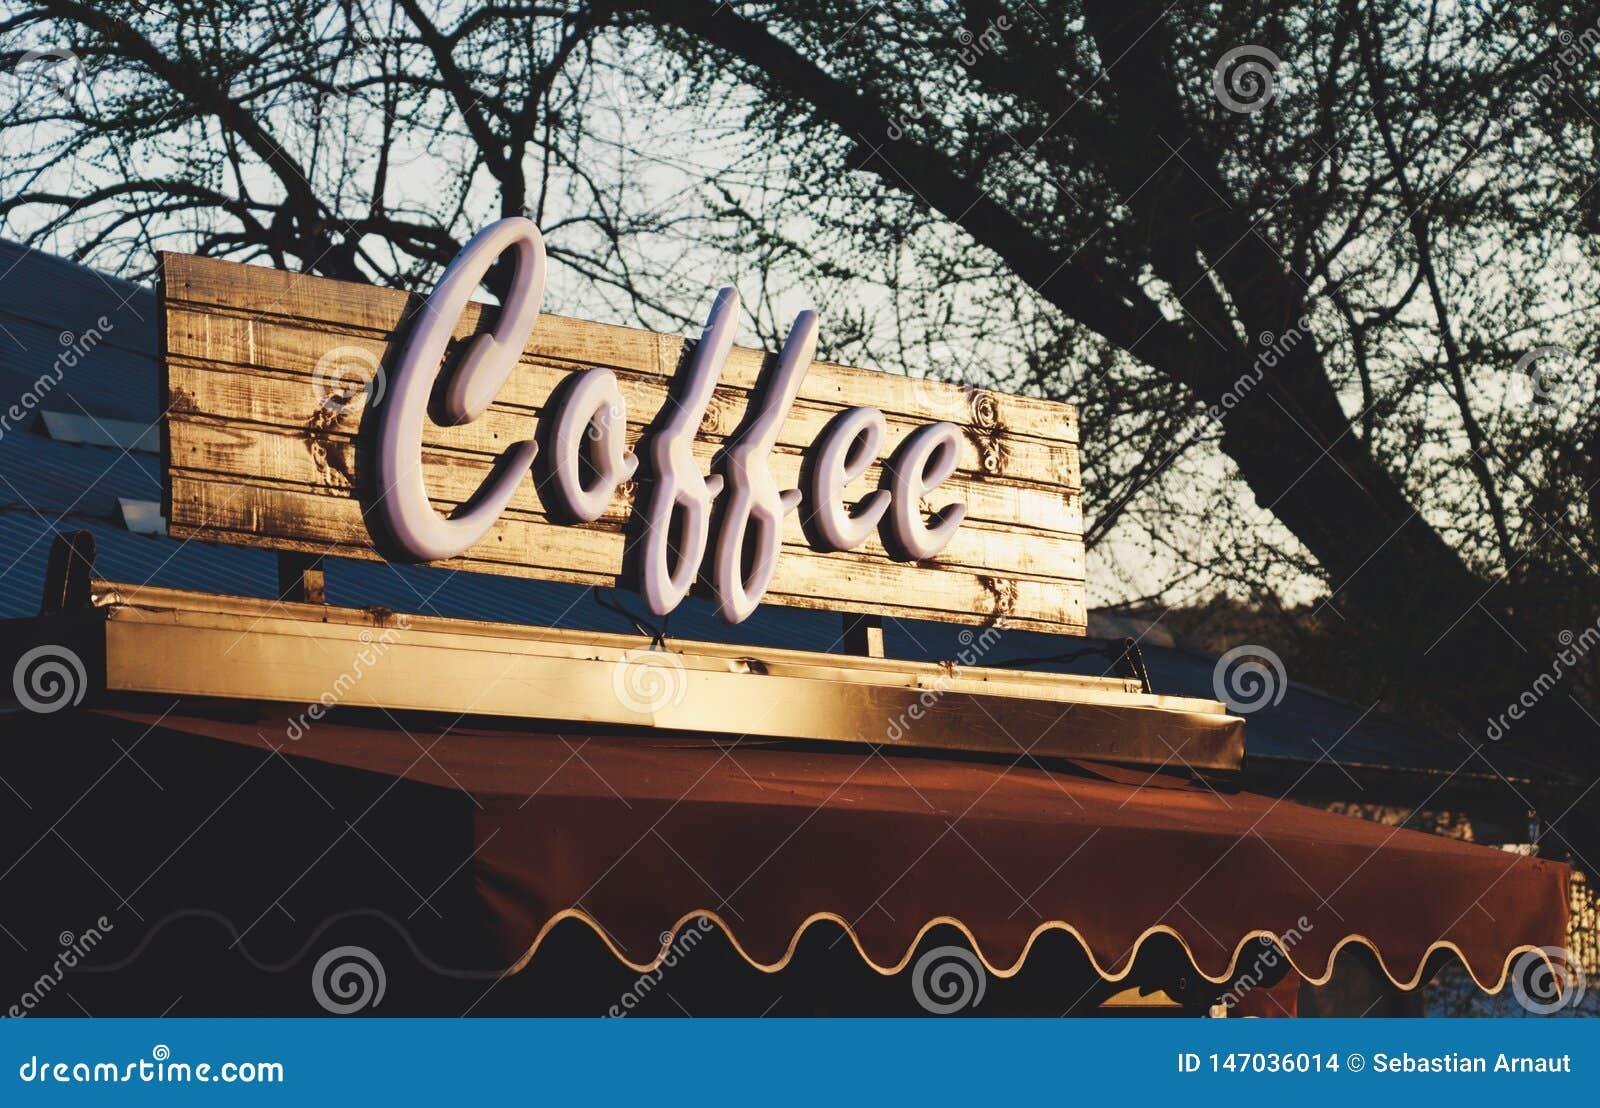 Отправьте SMS coffe над бутиком